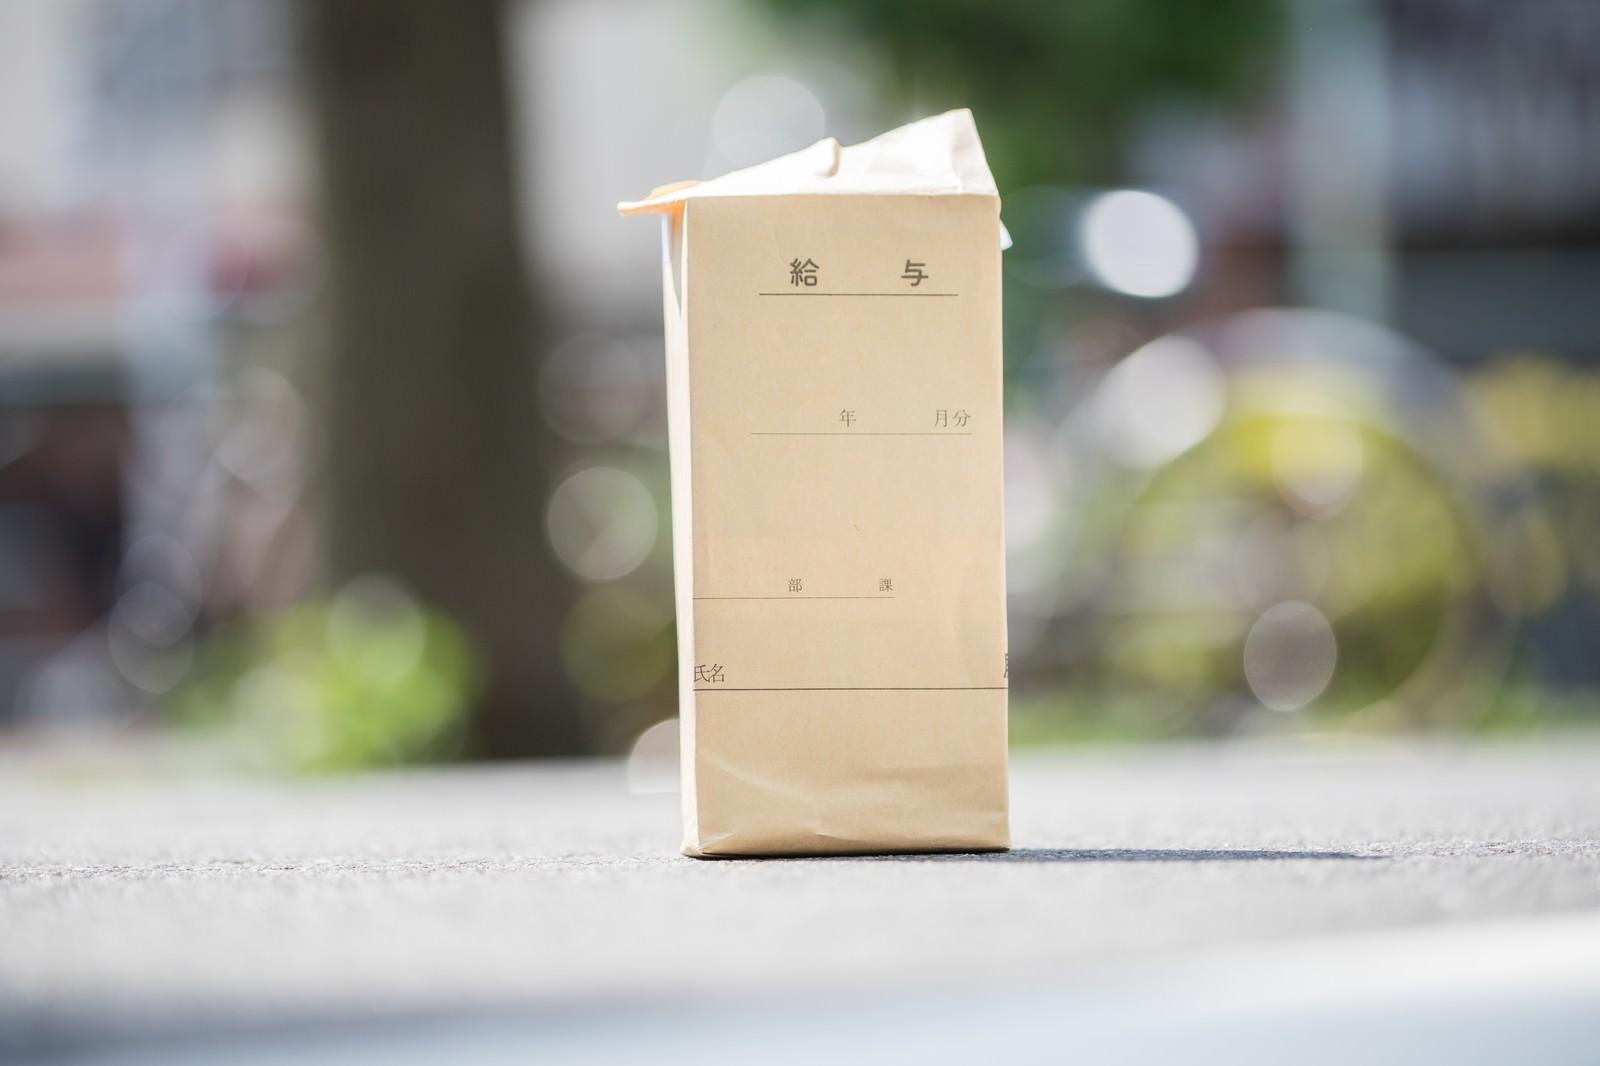 「厚みのある給与袋(現物)」の写真